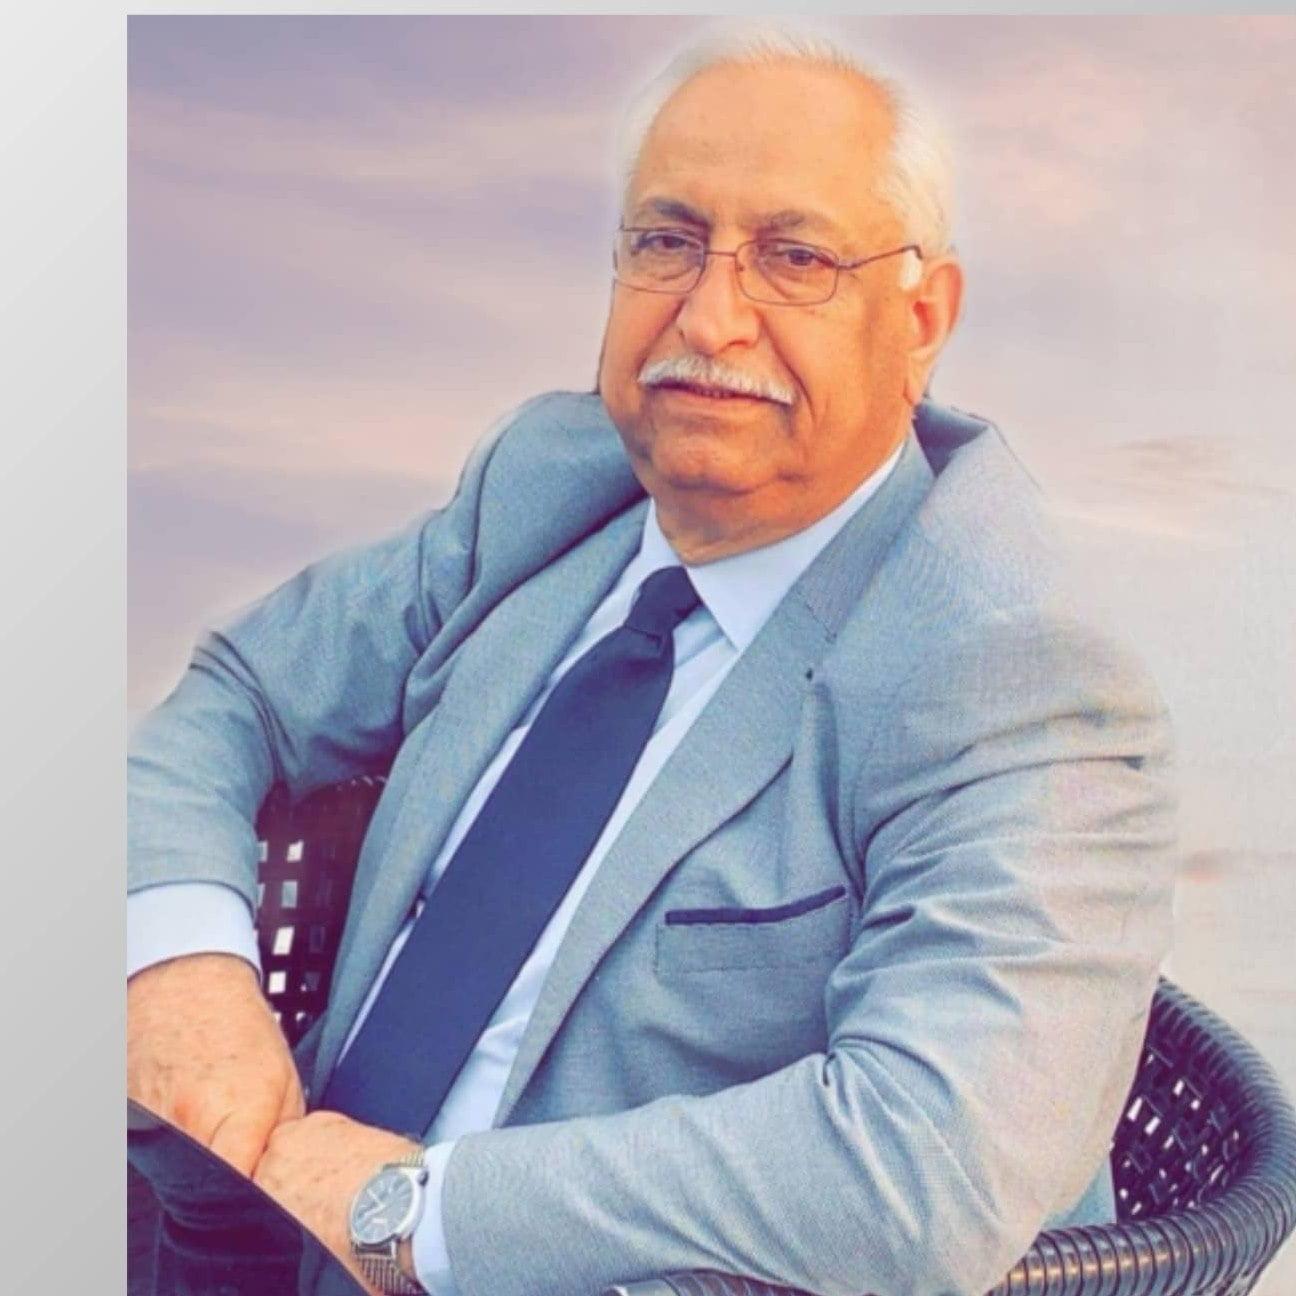 عبد اللطيف سالم الموت من شدة البهجة - عماد عبد اللطيف سالم